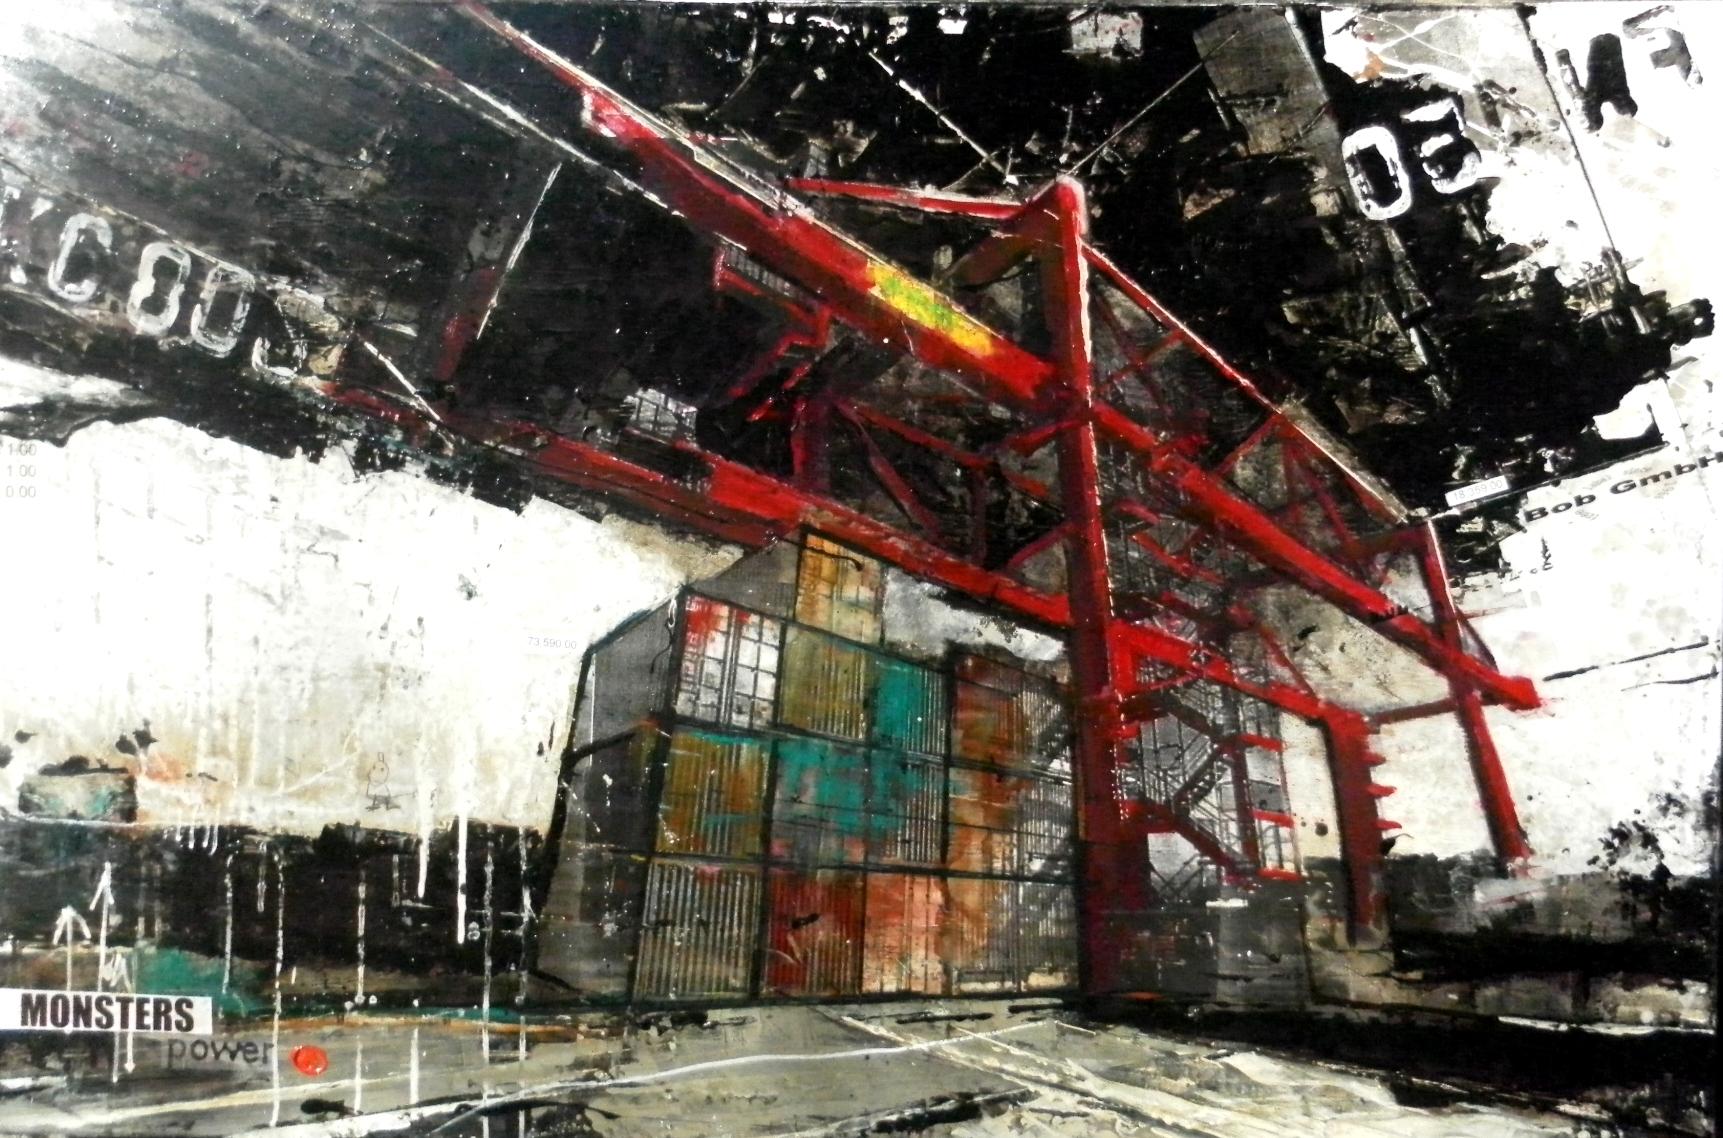 Monsters - collage photo, huile, acrylique sur toile - 100 x 150 cm - 2014